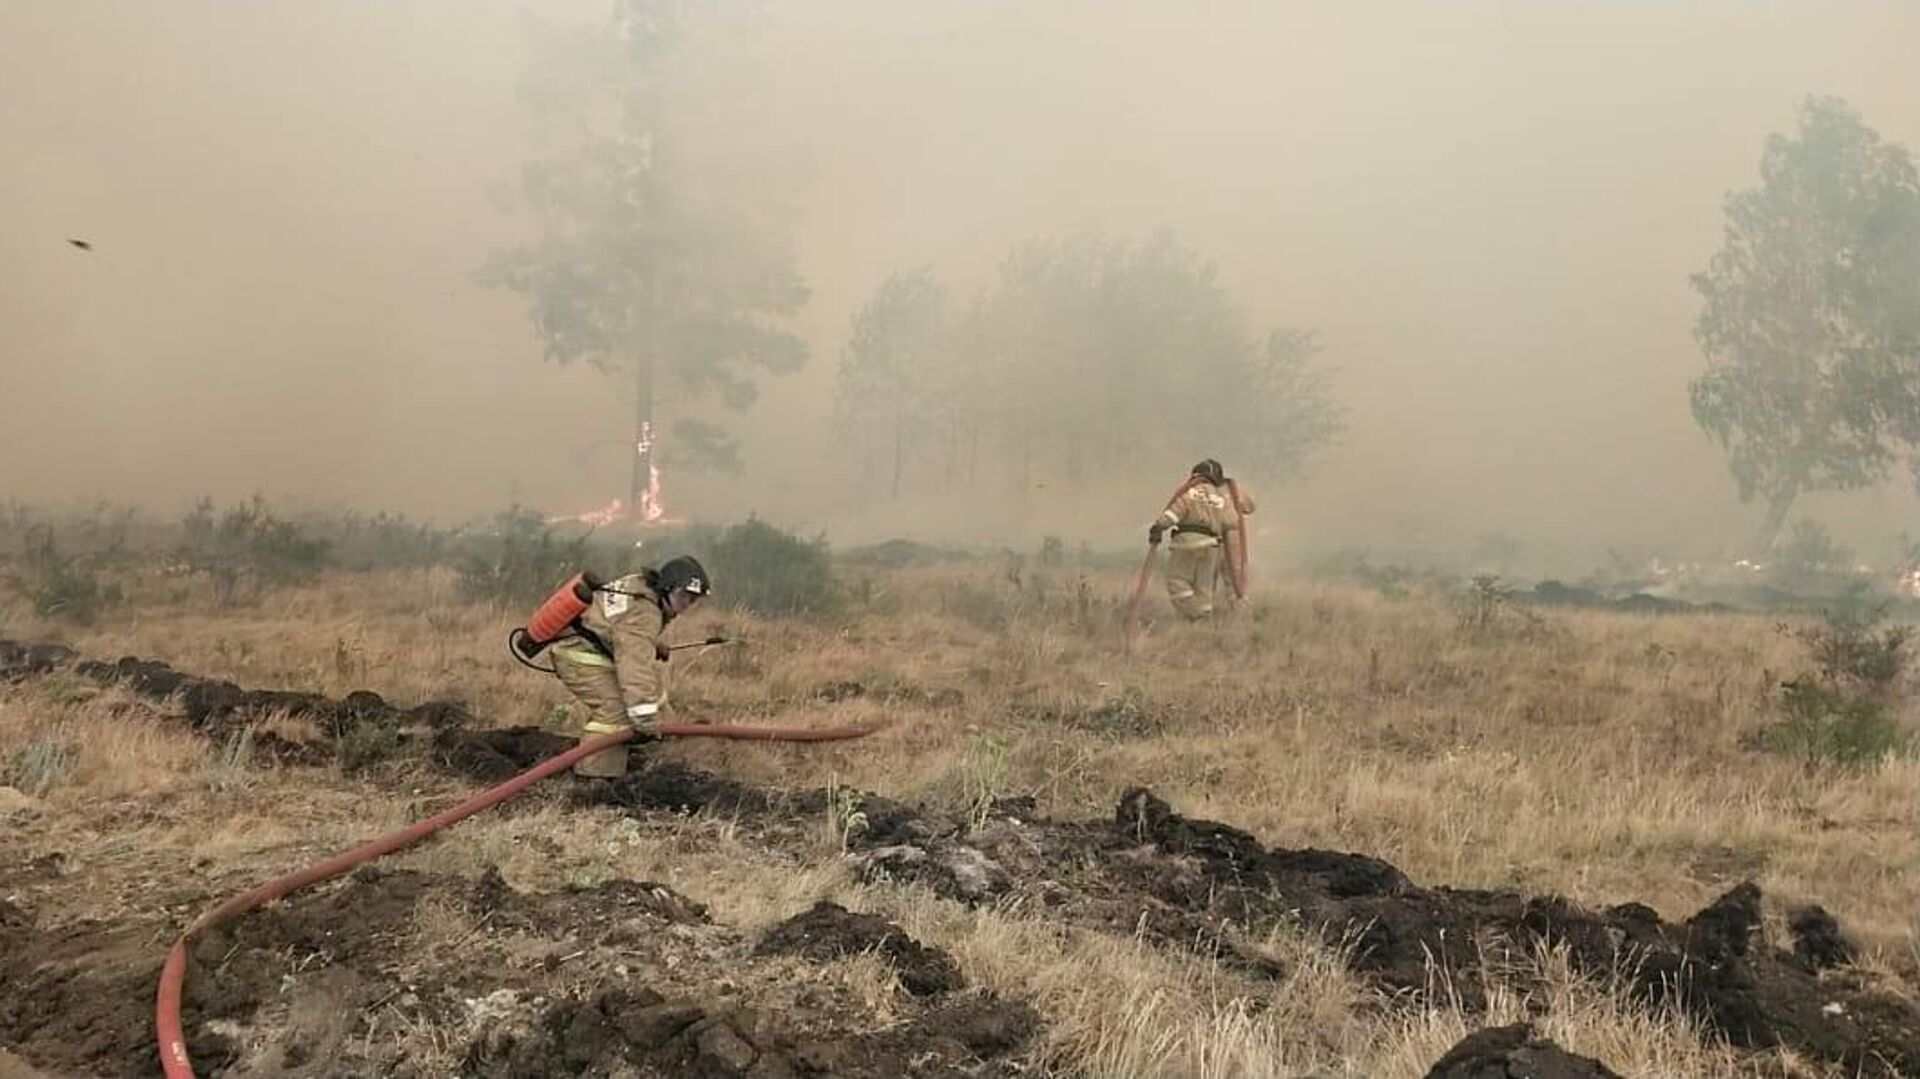 Сотрудники МЧС во время тушения лесного пожара в Челябинской области - РИА Новости, 1920, 11.07.2021